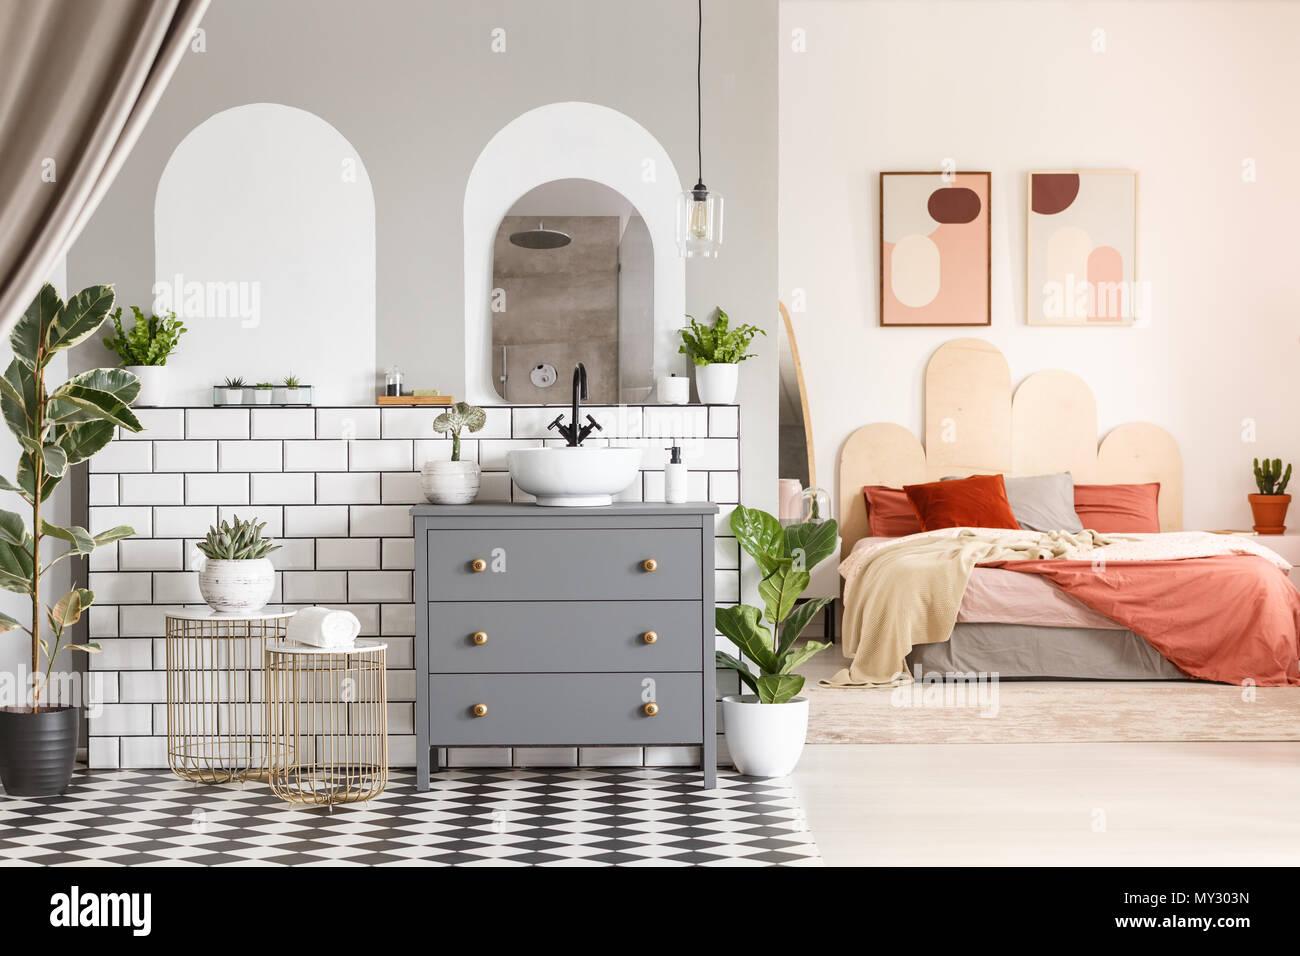 Bagno Aperto In Camera : Le piante accanto al cabinet grigio in spazio aperto interno